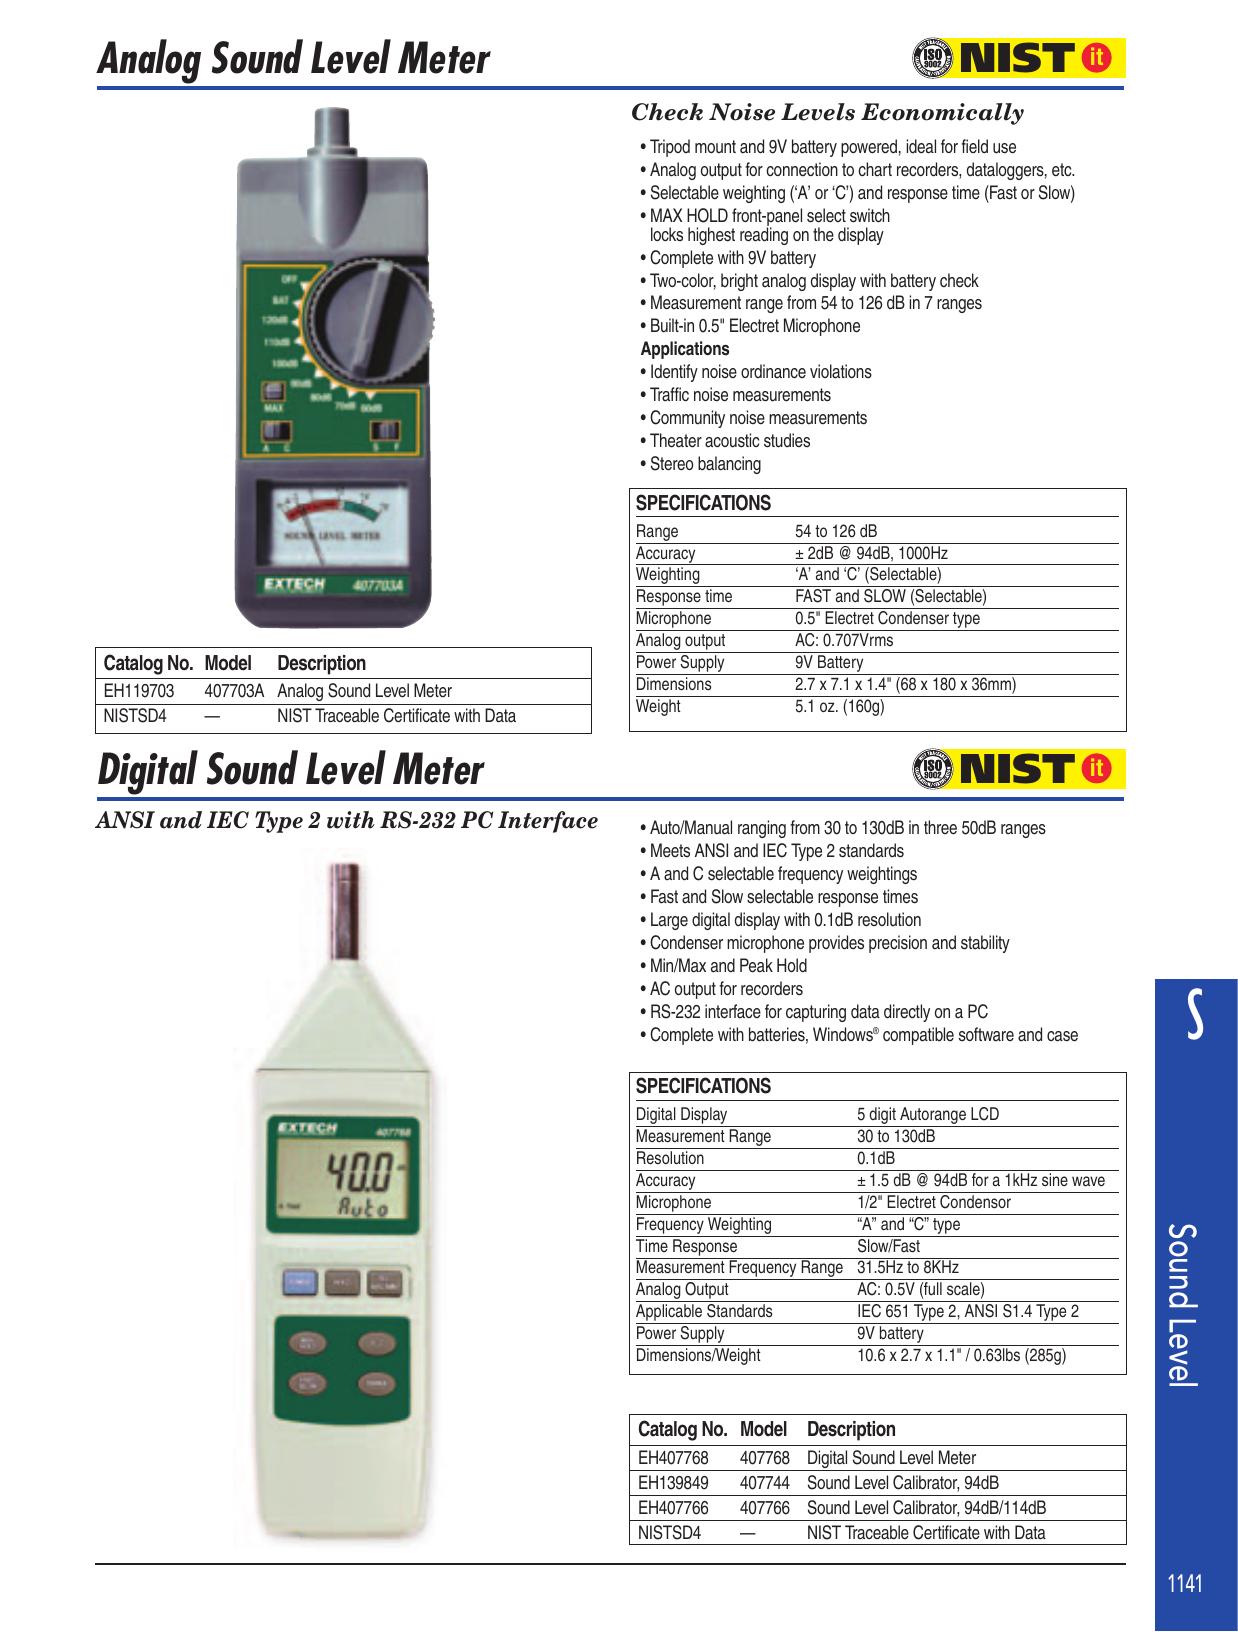 Sound Level Meter - maxtechinst com hk | manualzz com